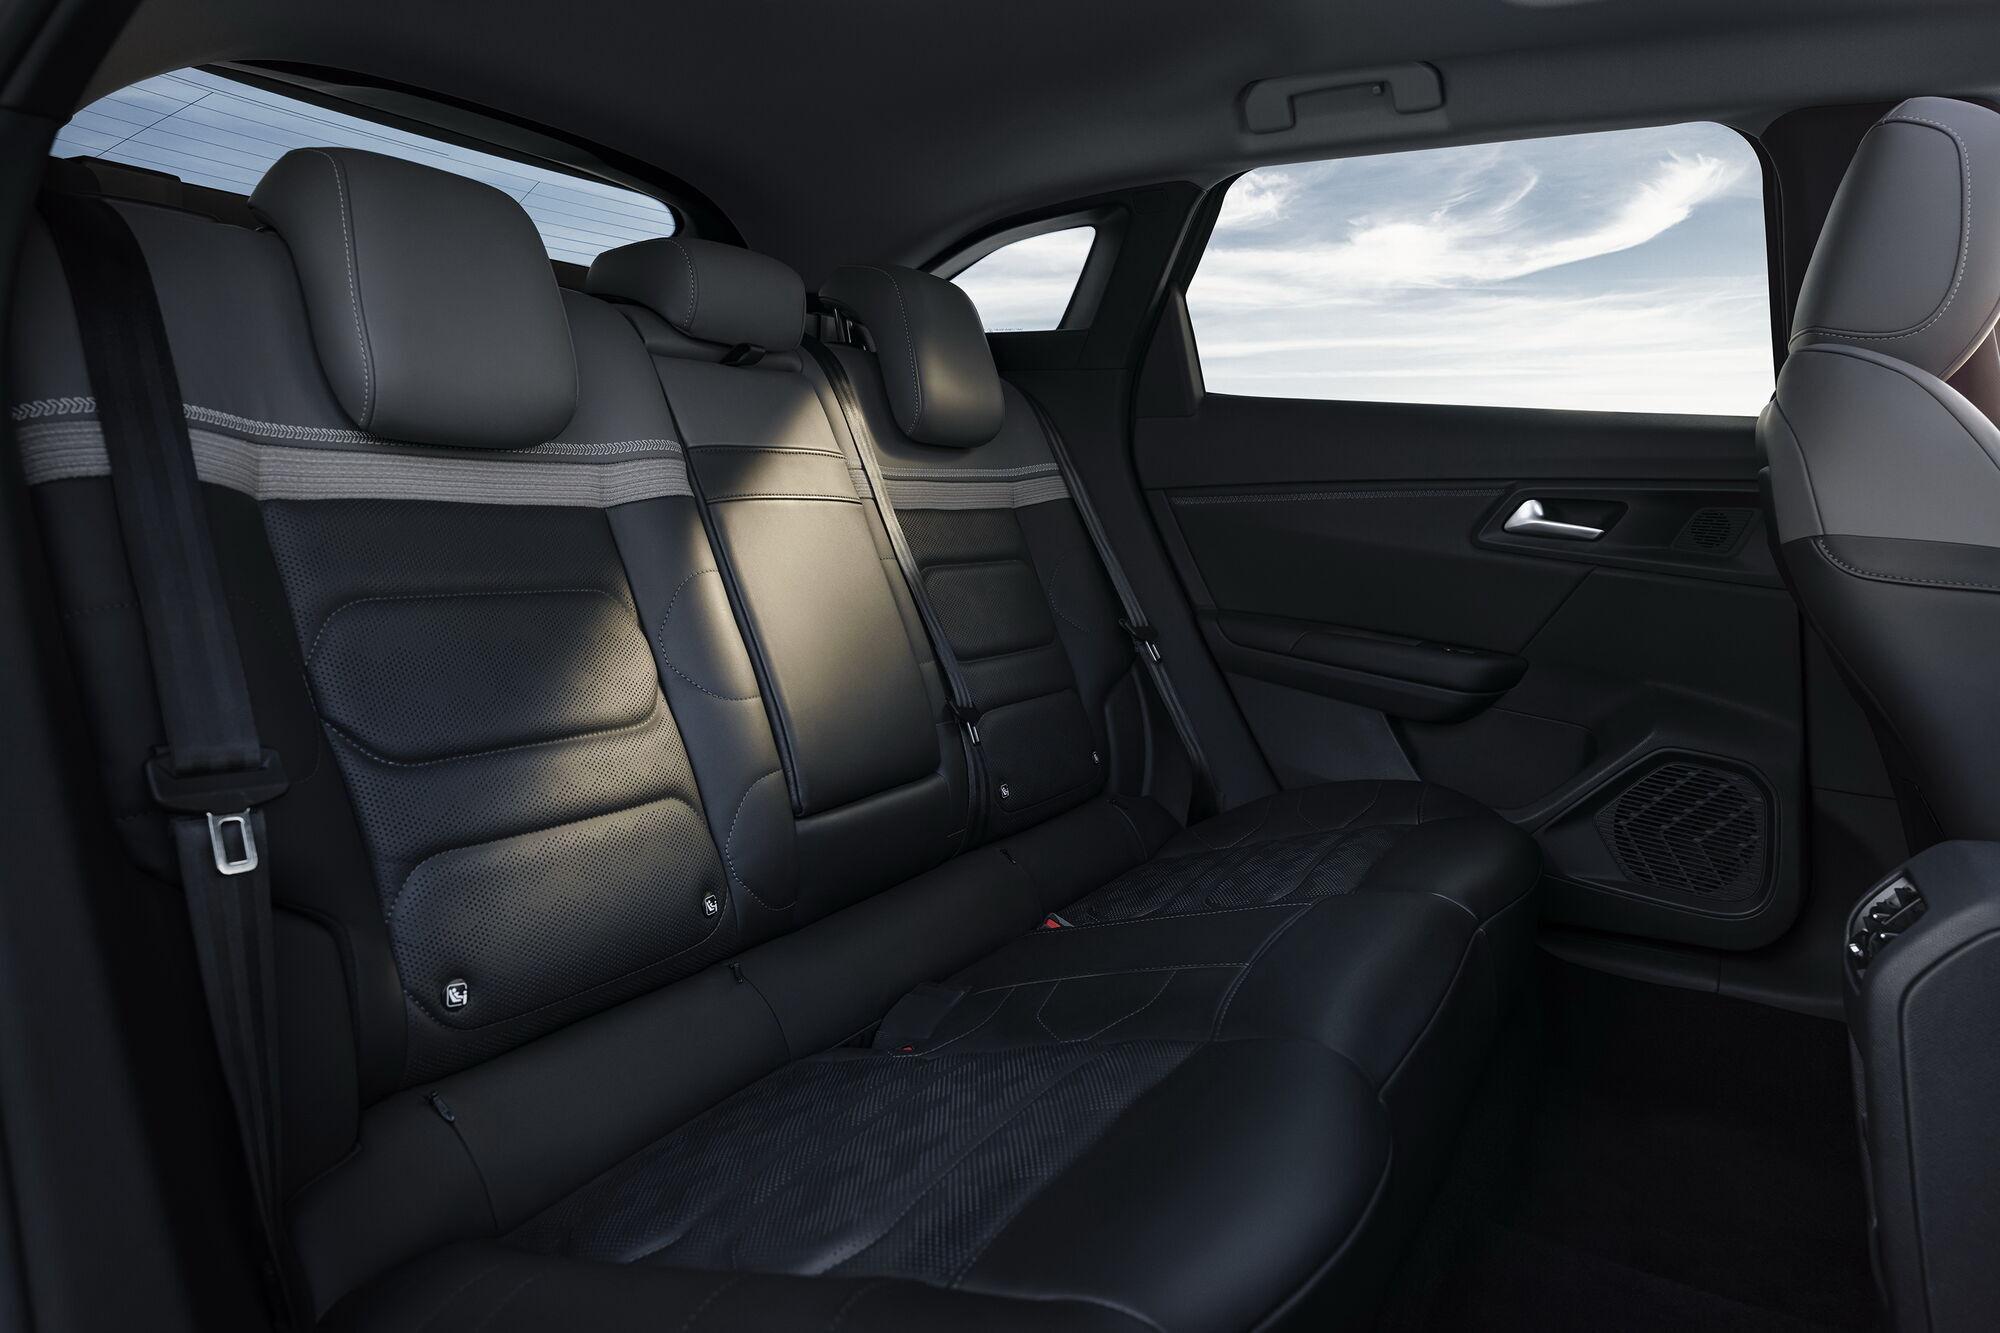 Для максимальної зручності, особливо у далеких поїздках, С5 Х оснастили сидіннями підвищеного комфорту